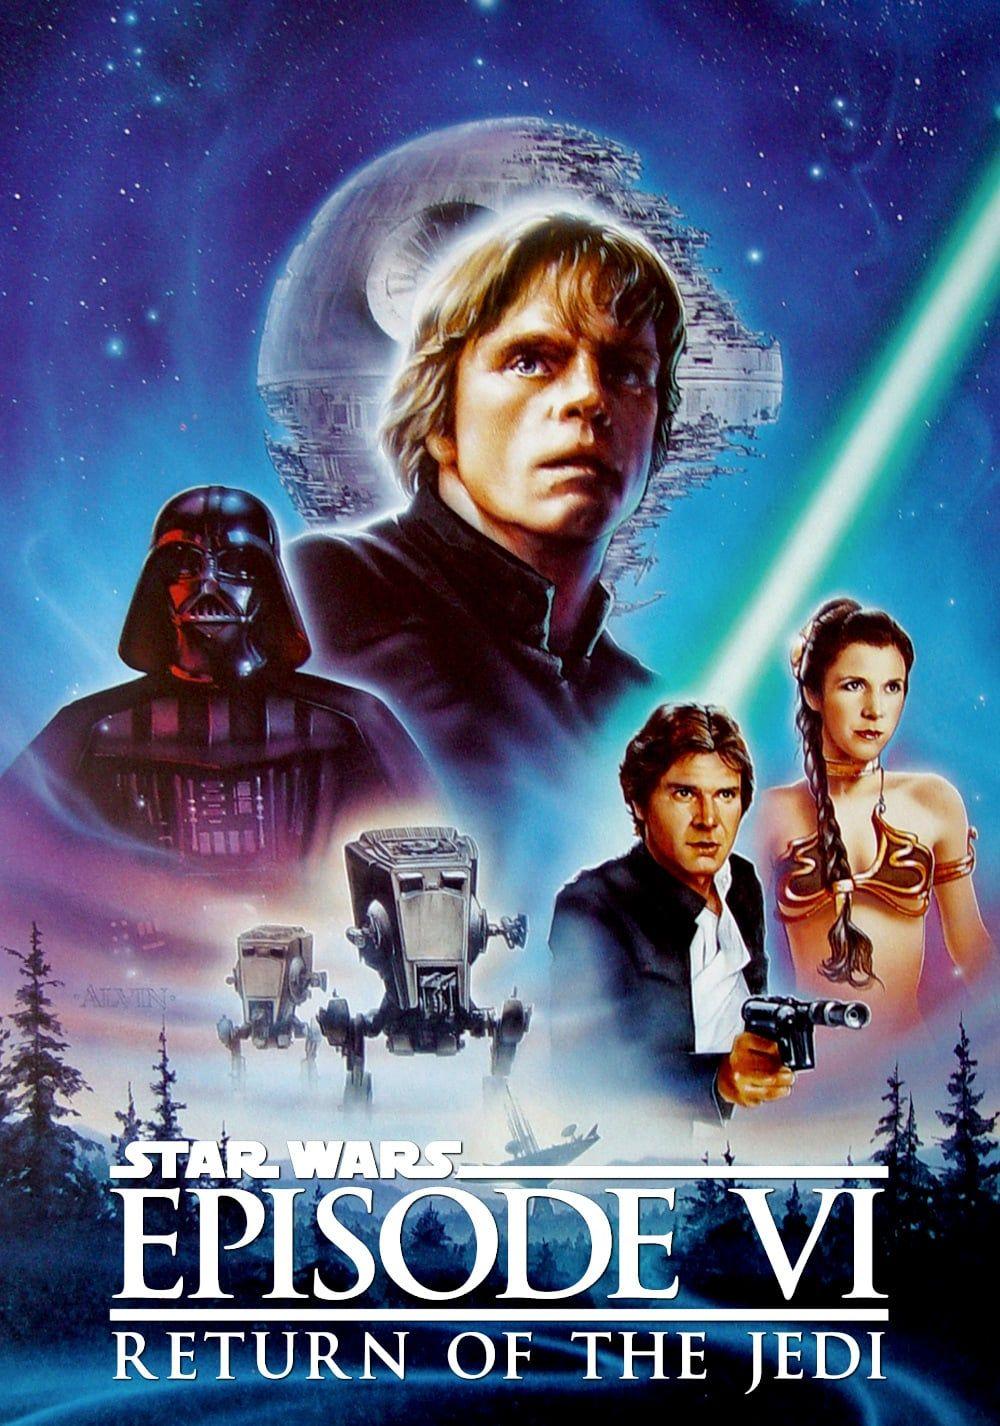 Star Wars Episode 1 Hd Stream